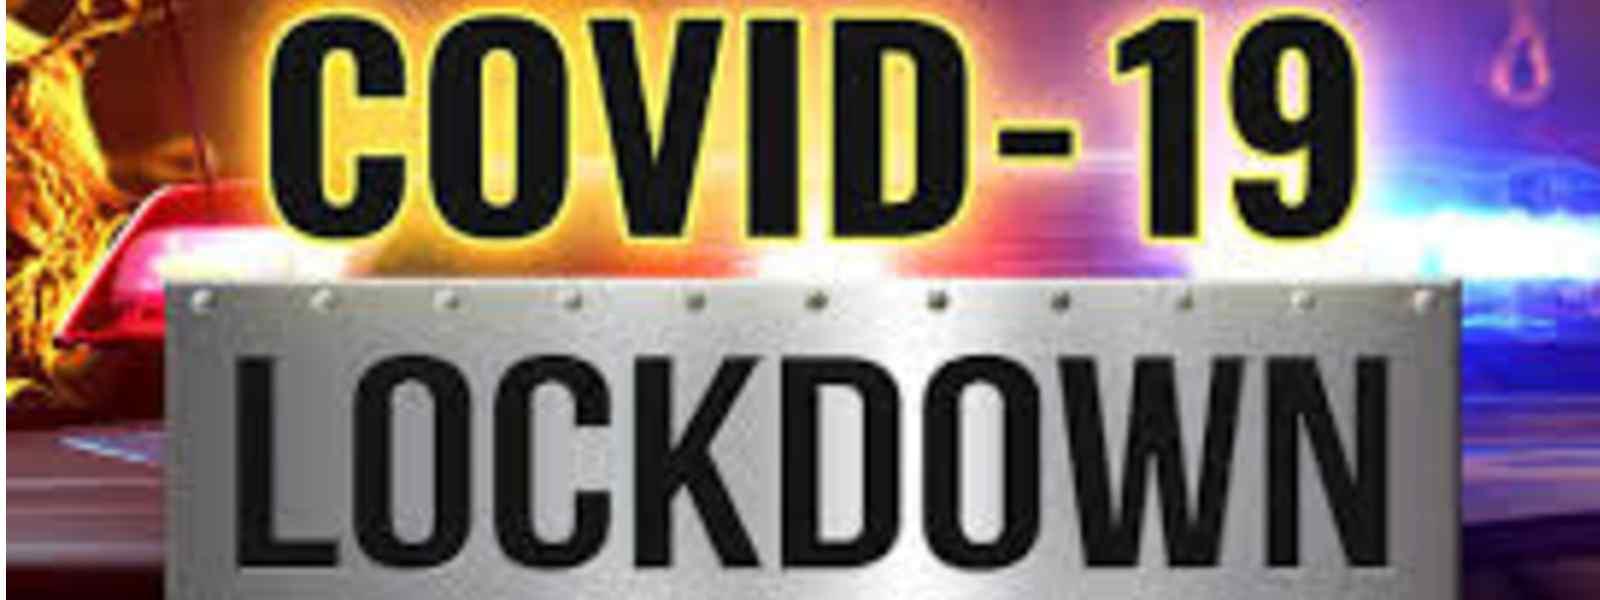 තවත් ග්රාම නිලධාරී වසම් කිහිපයක් Lockdown